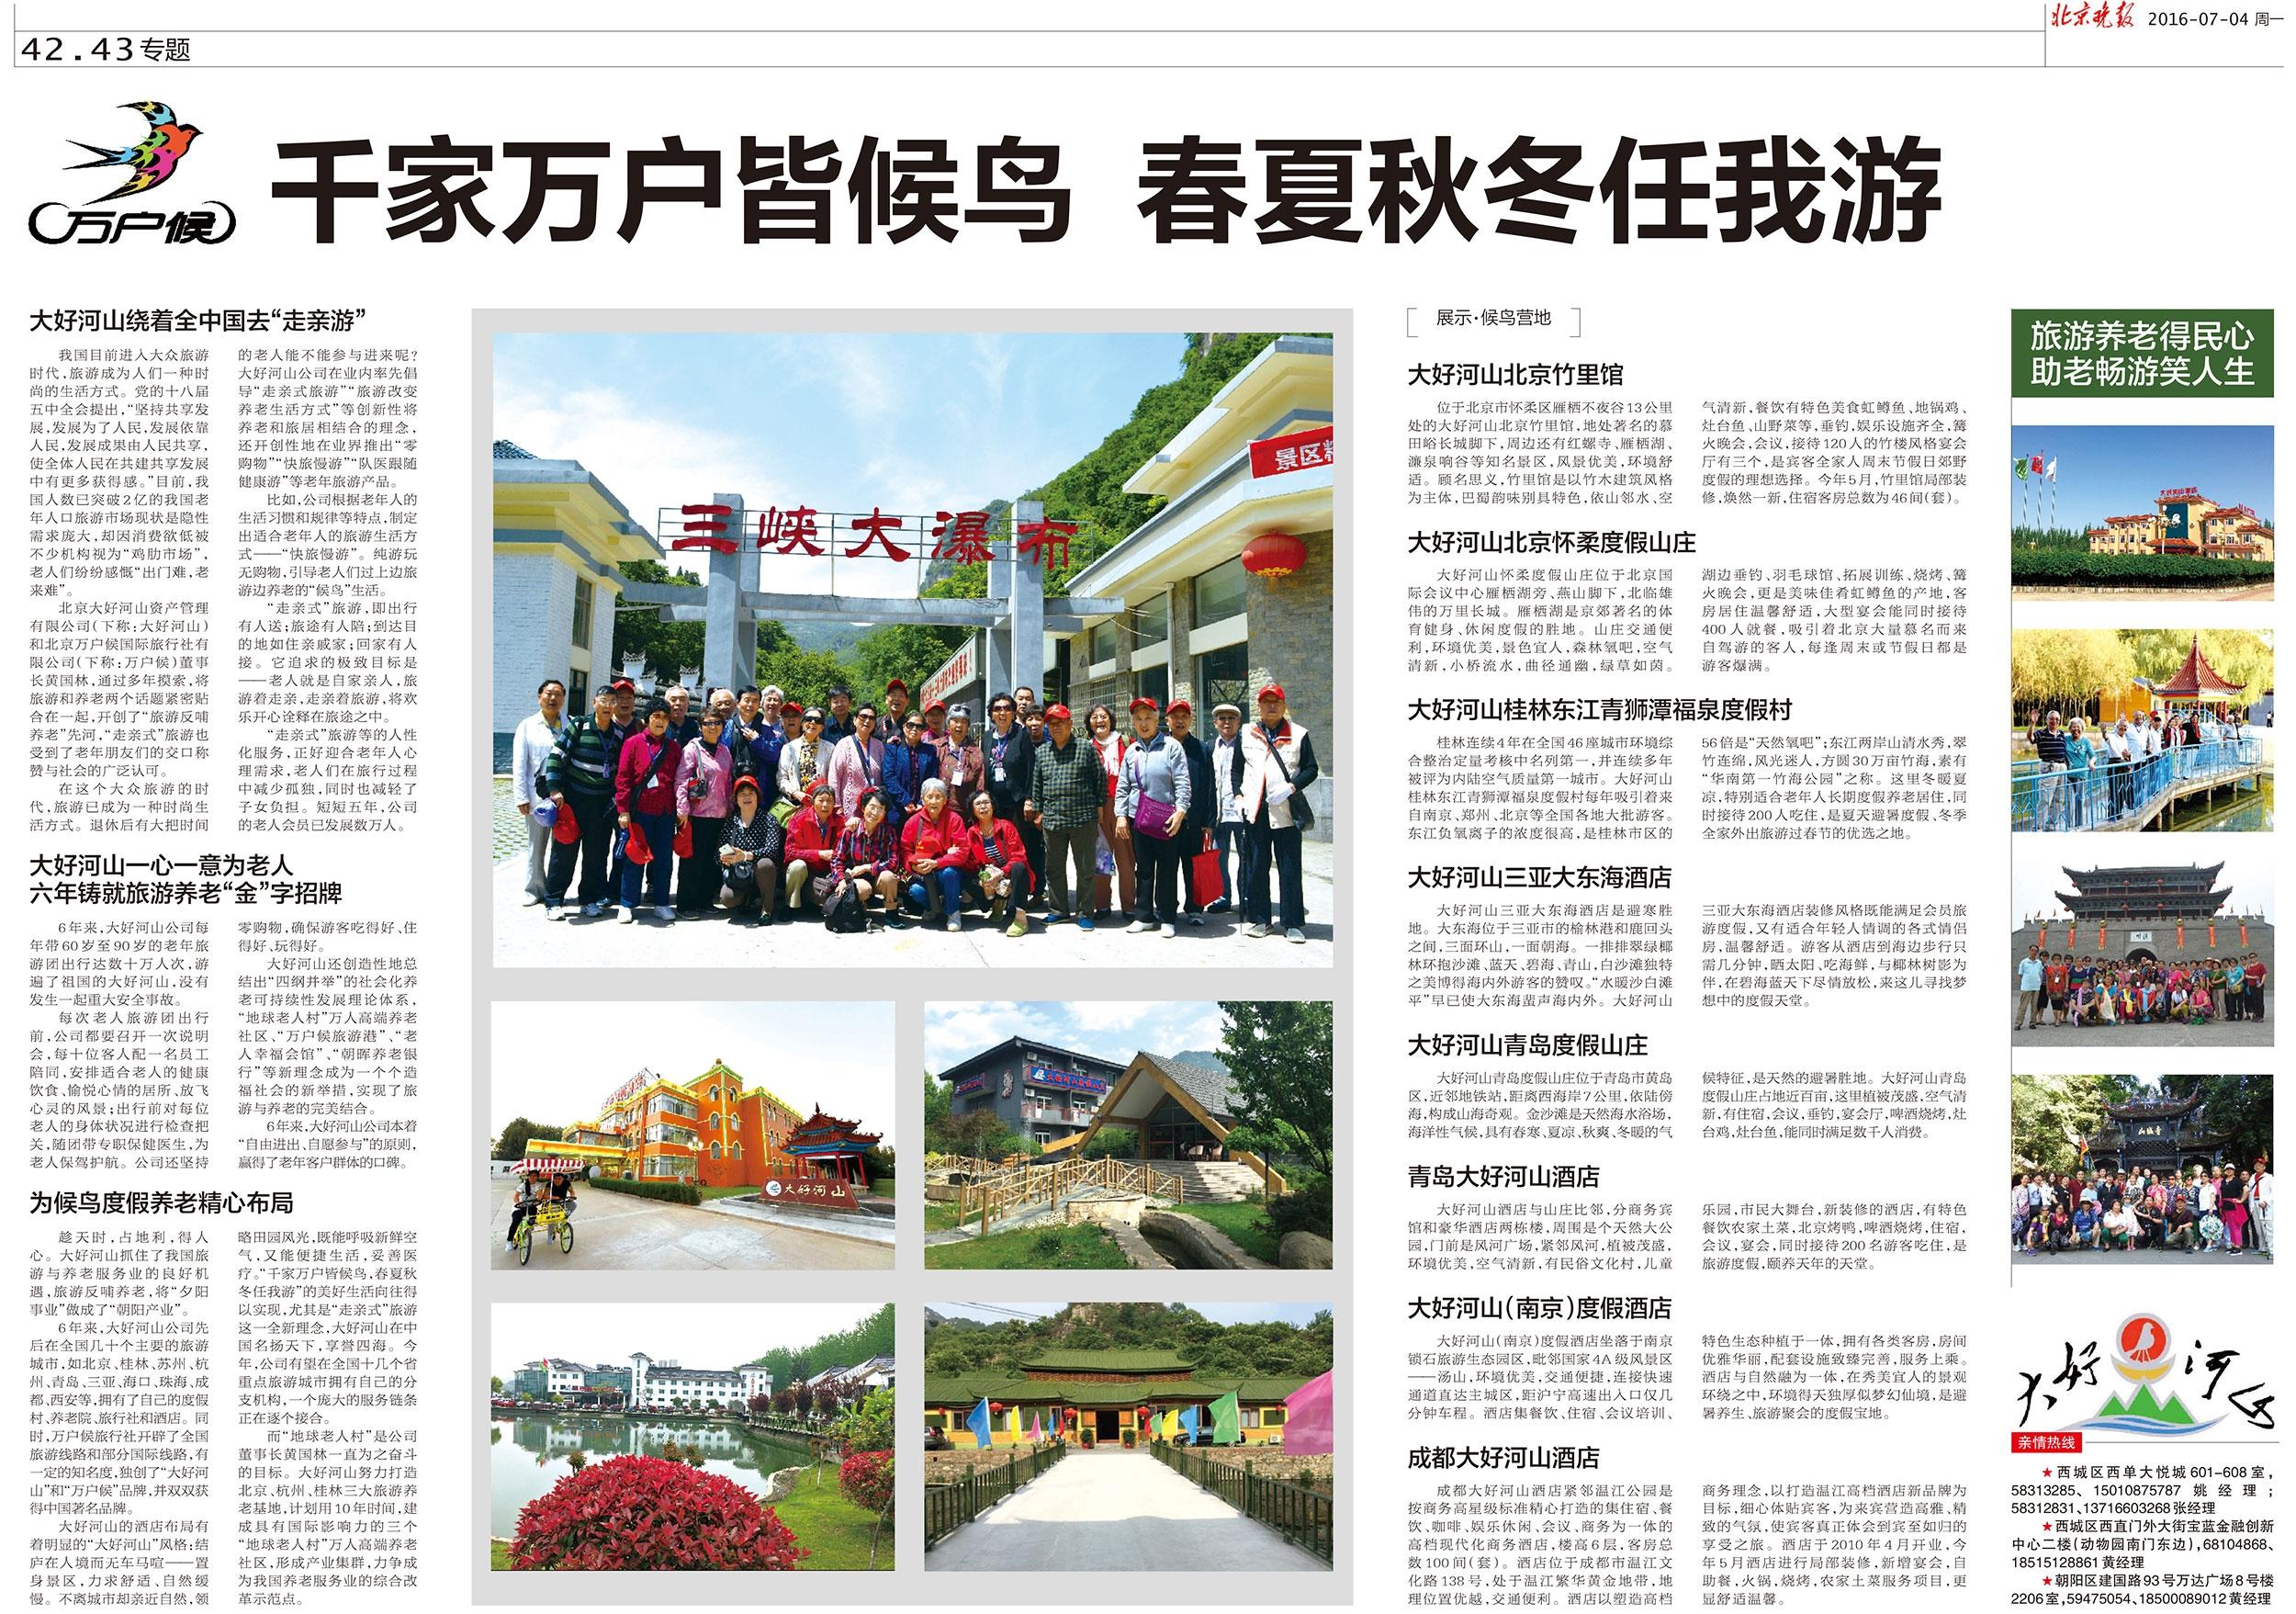 北京晚报 2016-07-04 专题42-43